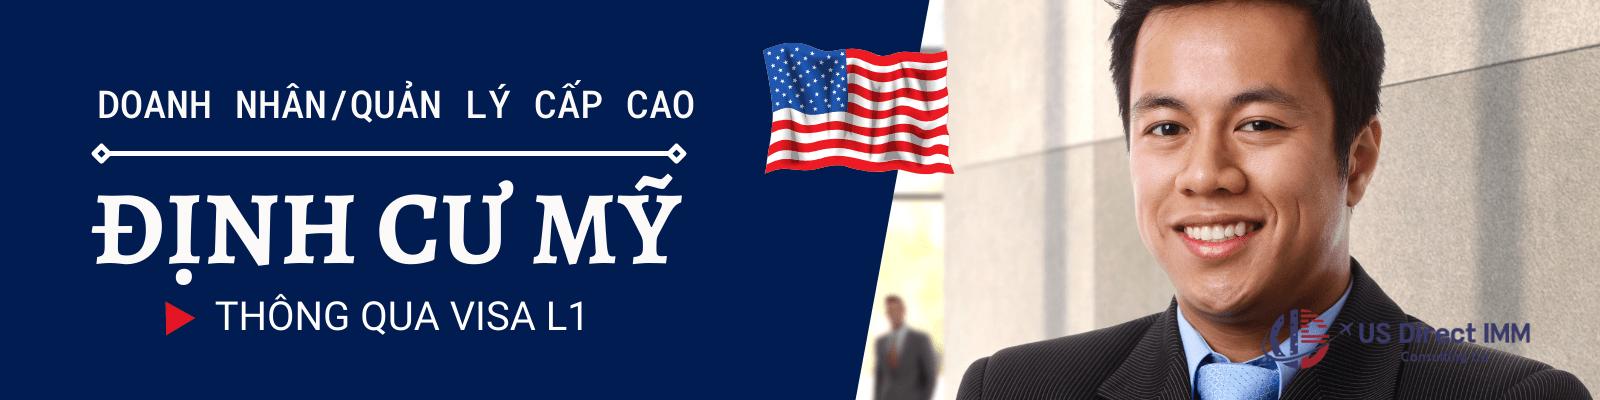 Định Cư Mỹ Thông Qua Visa L1/EB-1C